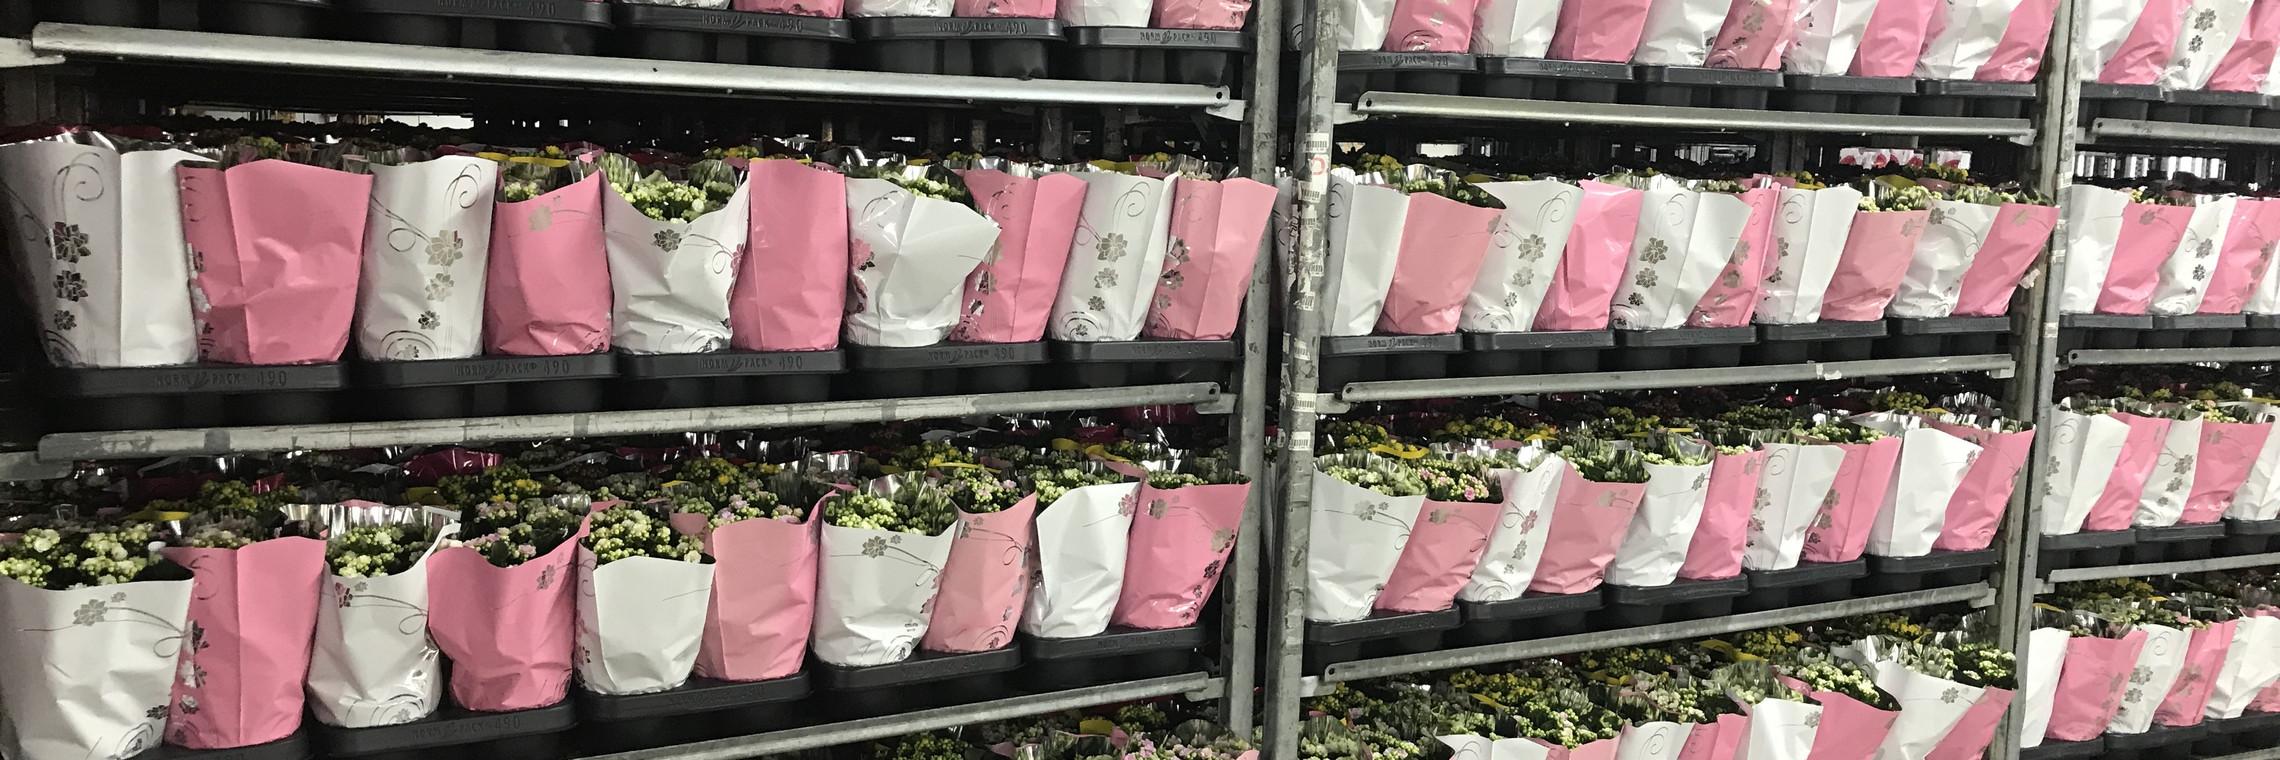 Pflanzenhandel verschwendet 39 Millionen Einweg-Plastikpaletten